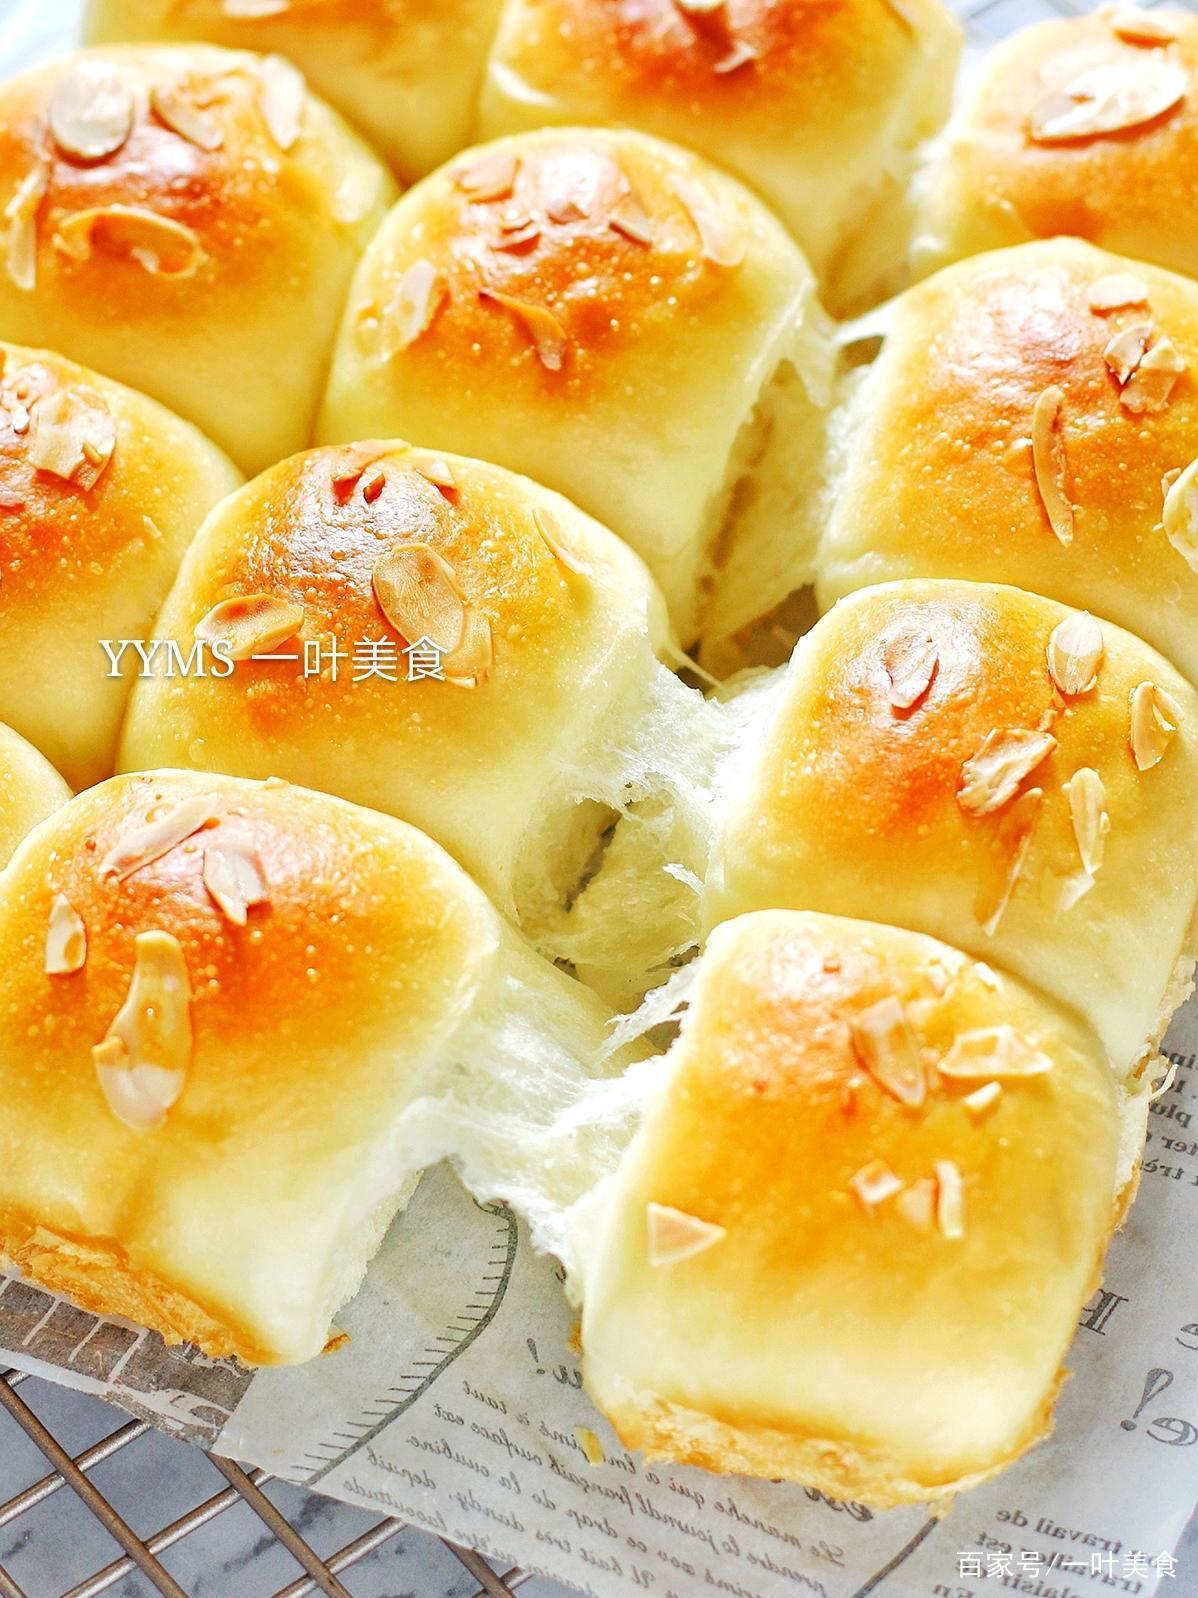 酸奶做面包,又软又香还拉丝,超详细手把手教你,一次就成功